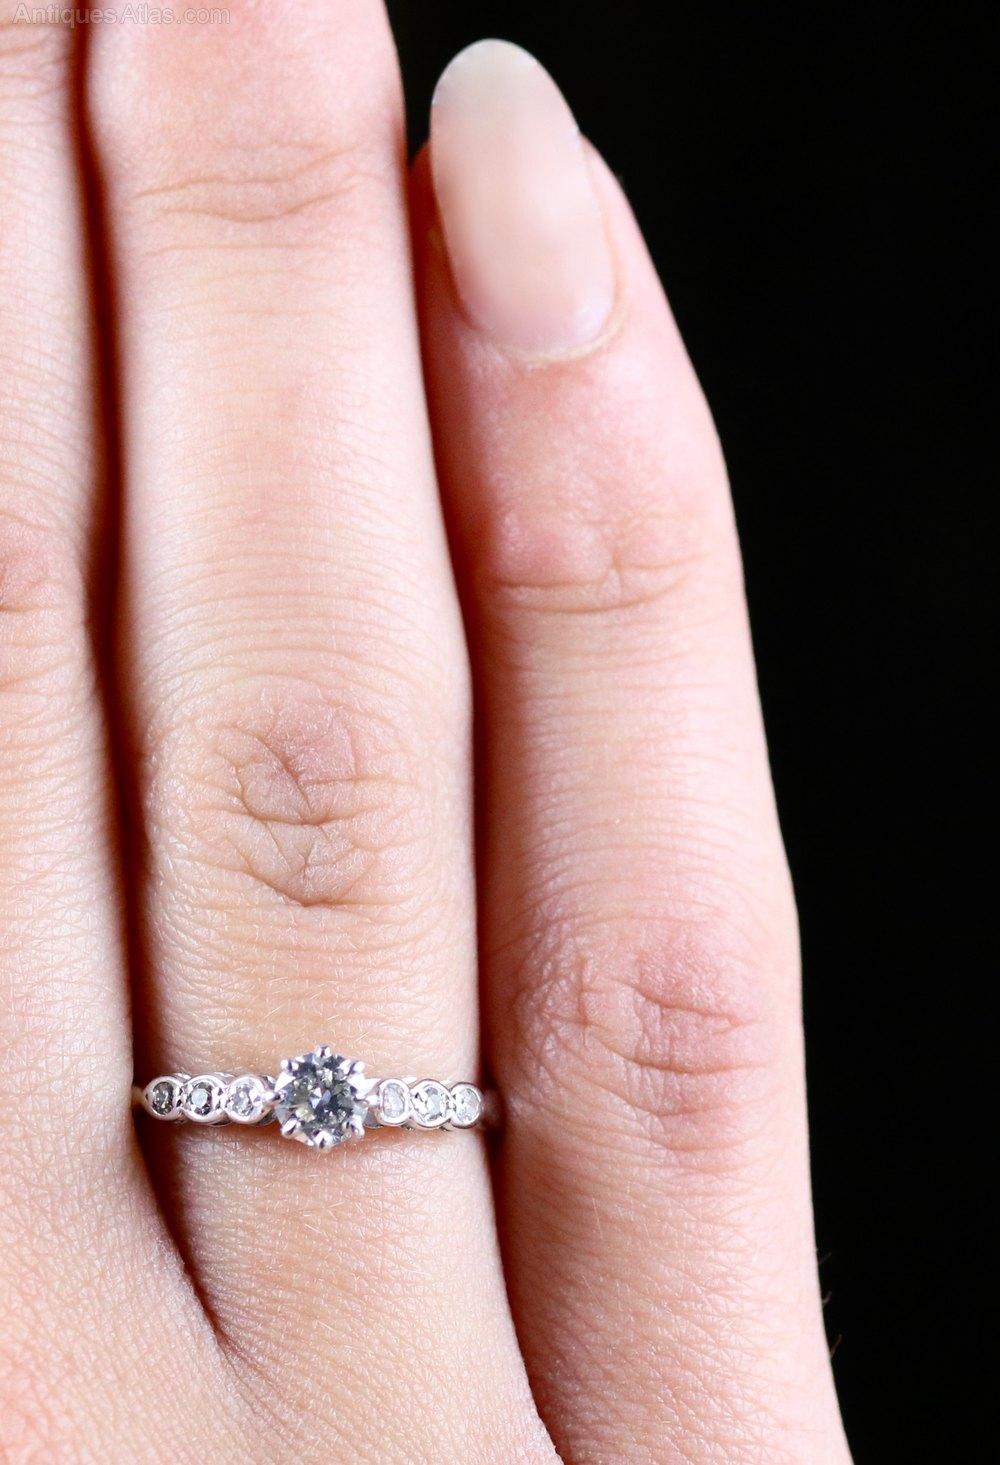 Antiques Atlas - Antique Edwardian Diamond Engagement Ring 18ct